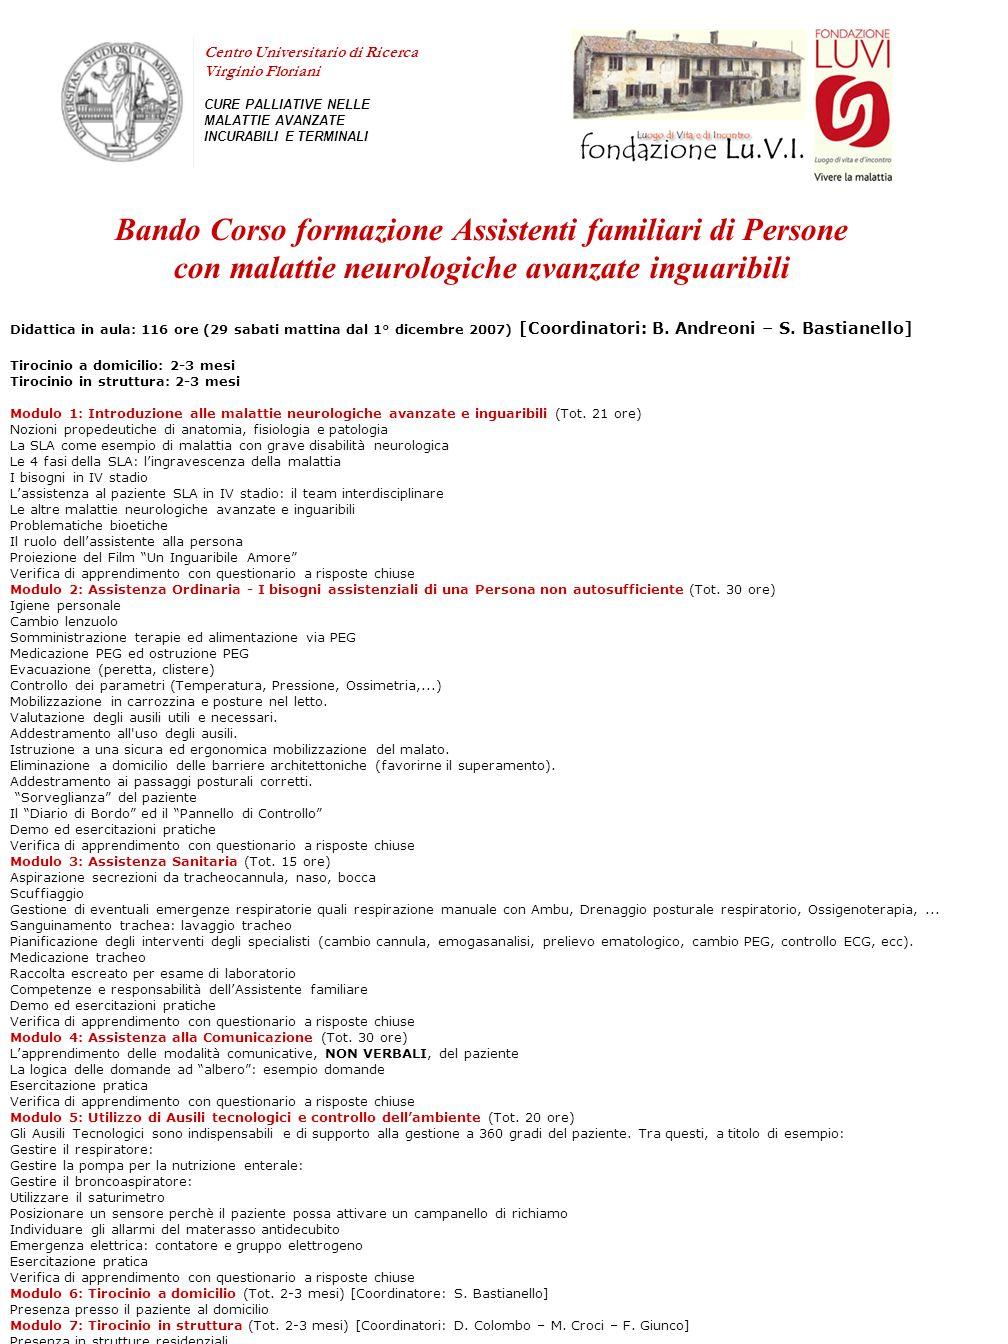 Centro Universitario di Ricerca Virginio Floriani